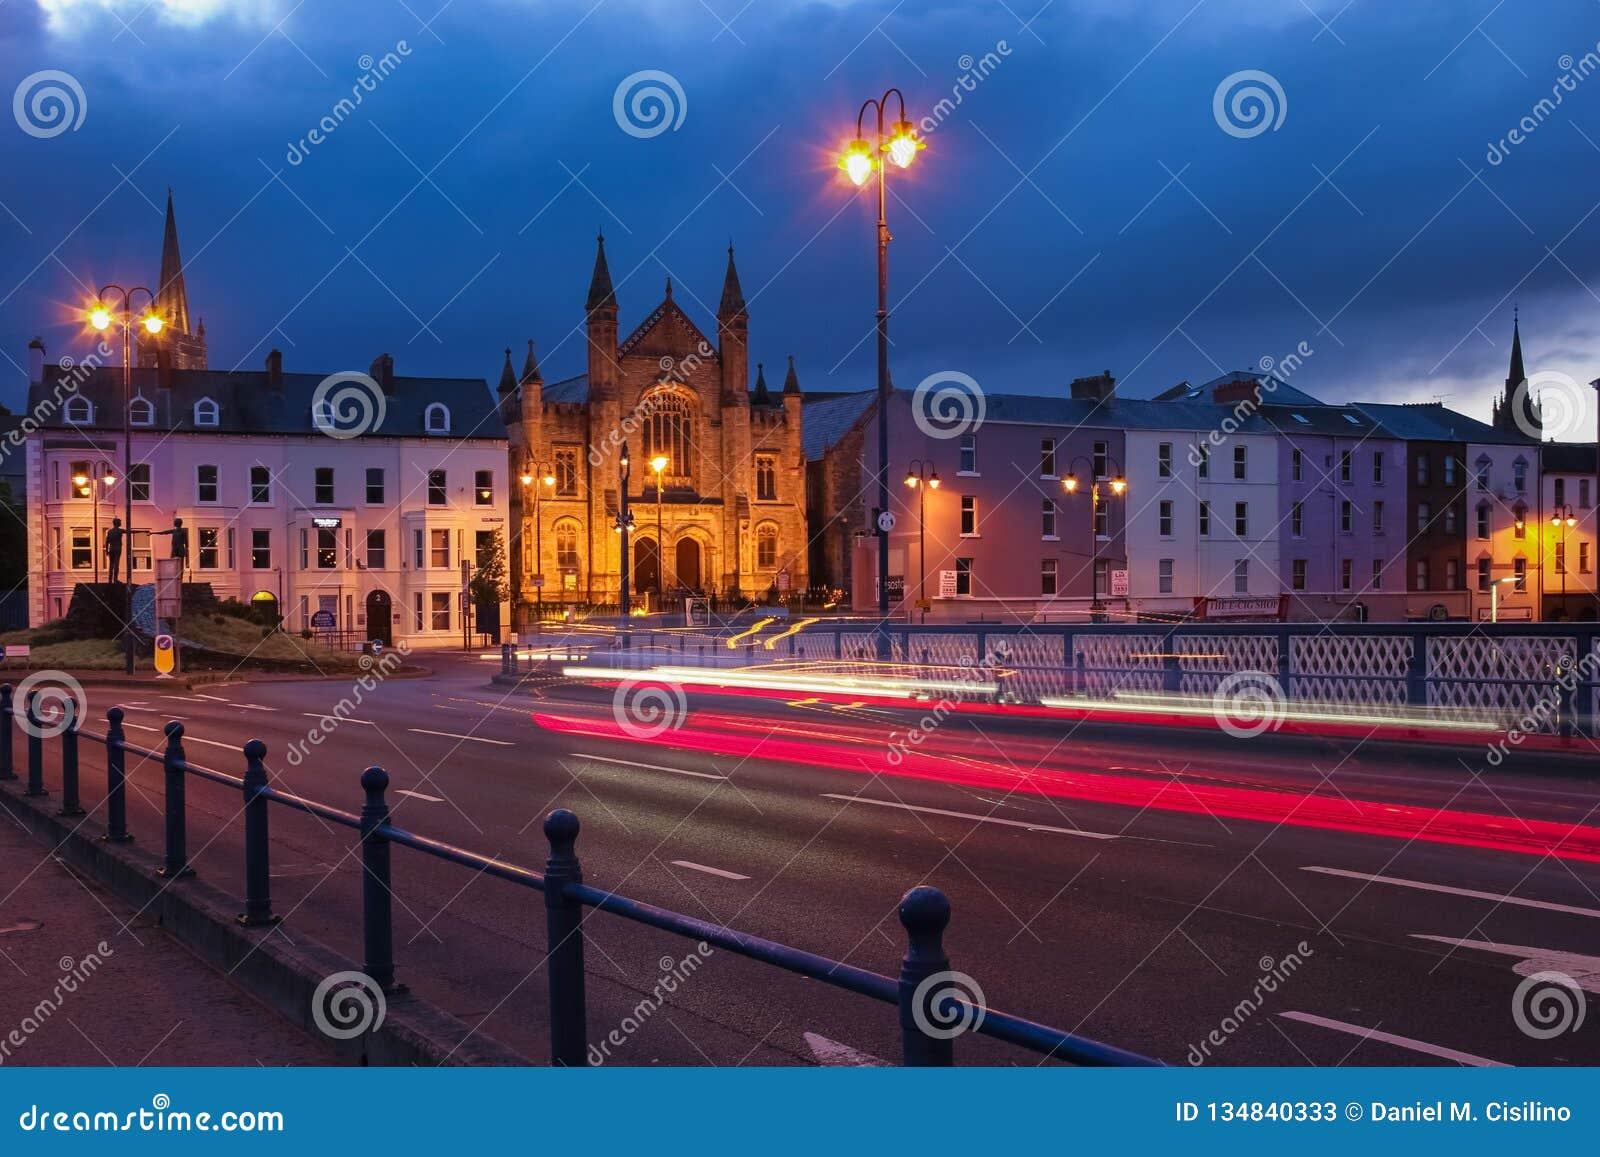 Die Lieferung verankerte im Kanal Derry Londonderry Nordirland Vereinigtes Königreich